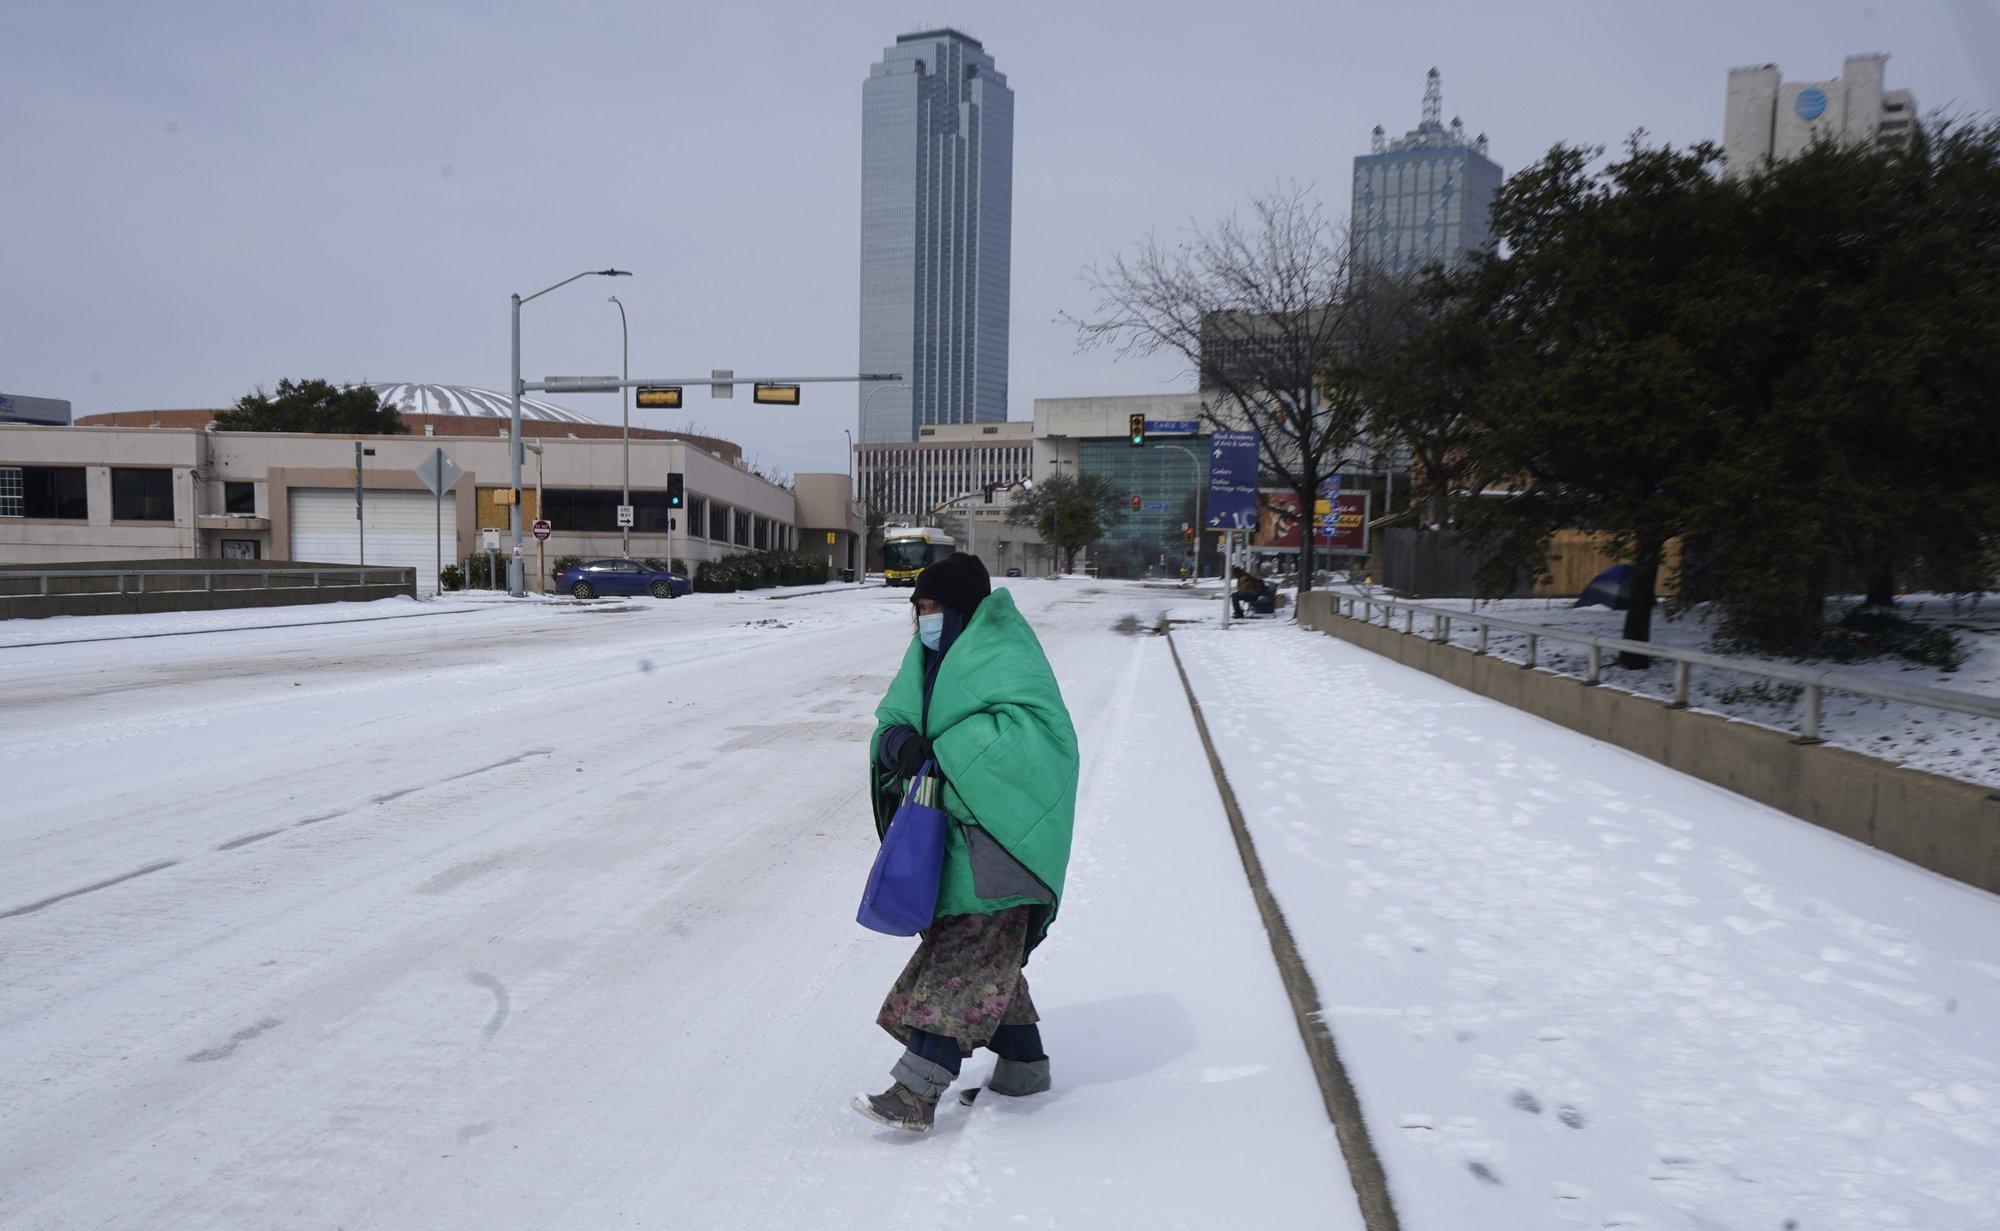 Nhà máy ngừng hoạt động, người dân Texas gồng mình chống chọi thời tiết khắc nghiệt